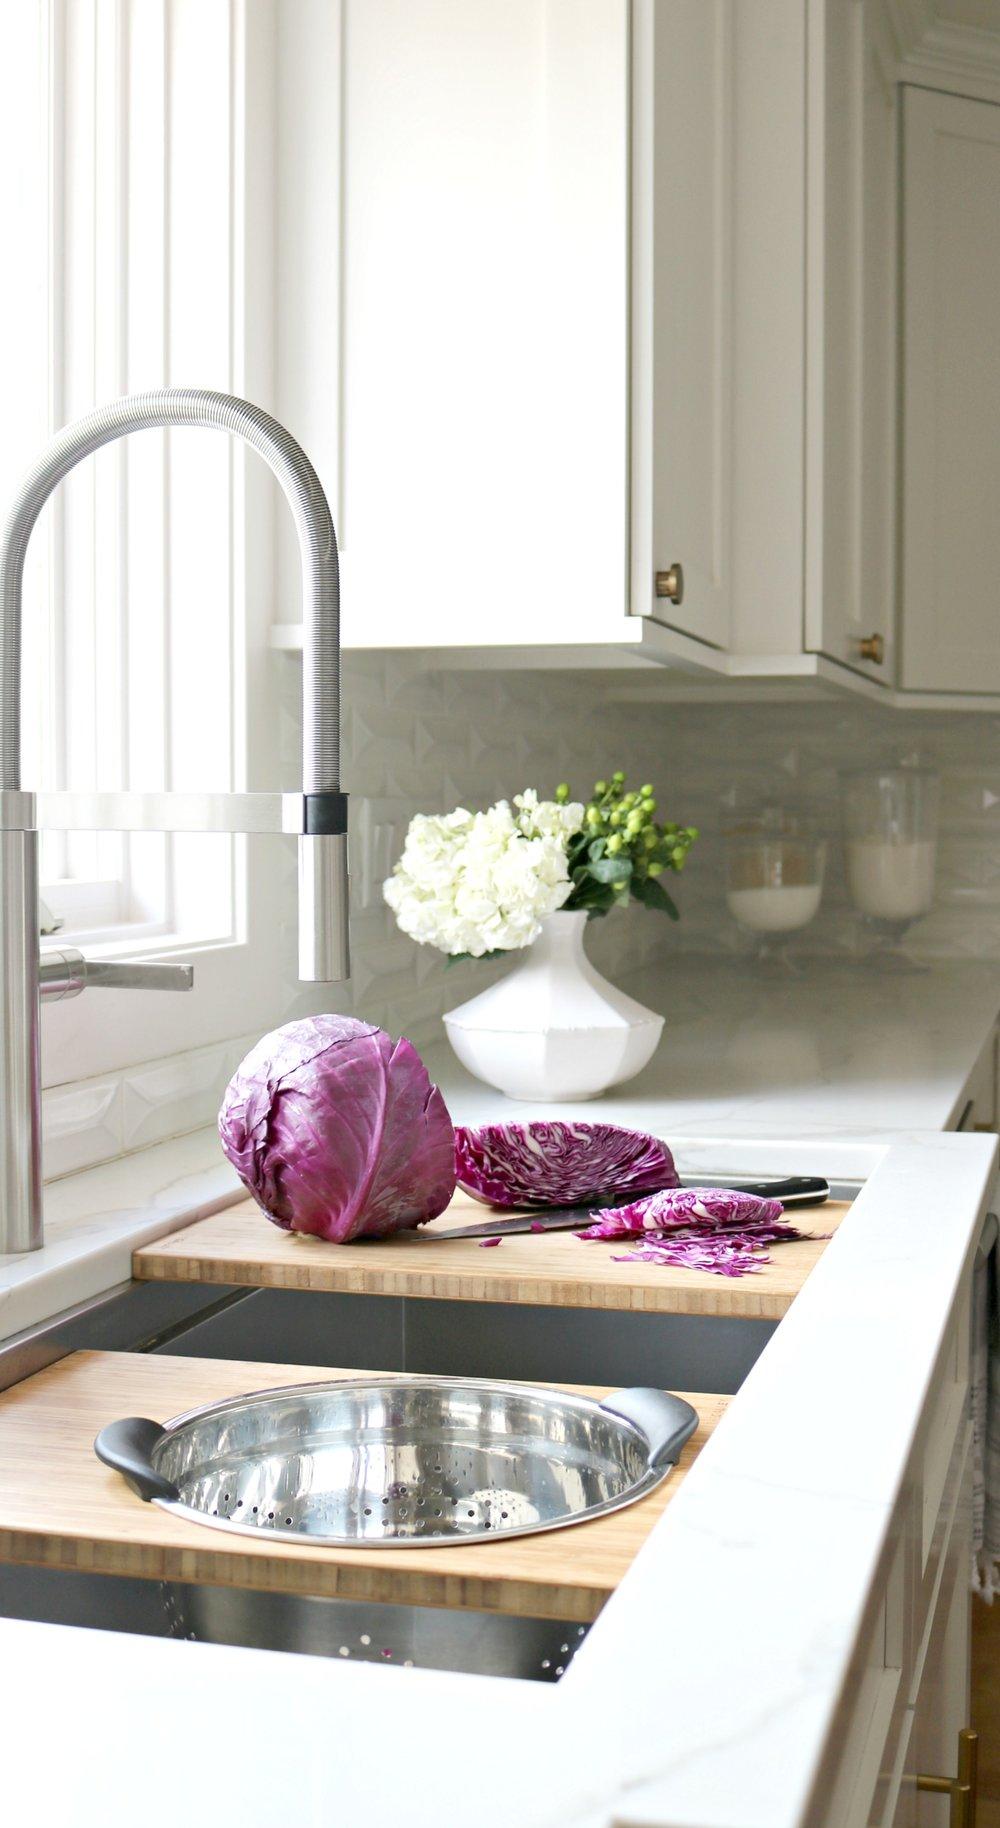 Kelle Dame Interiors Galley Sink.jpg